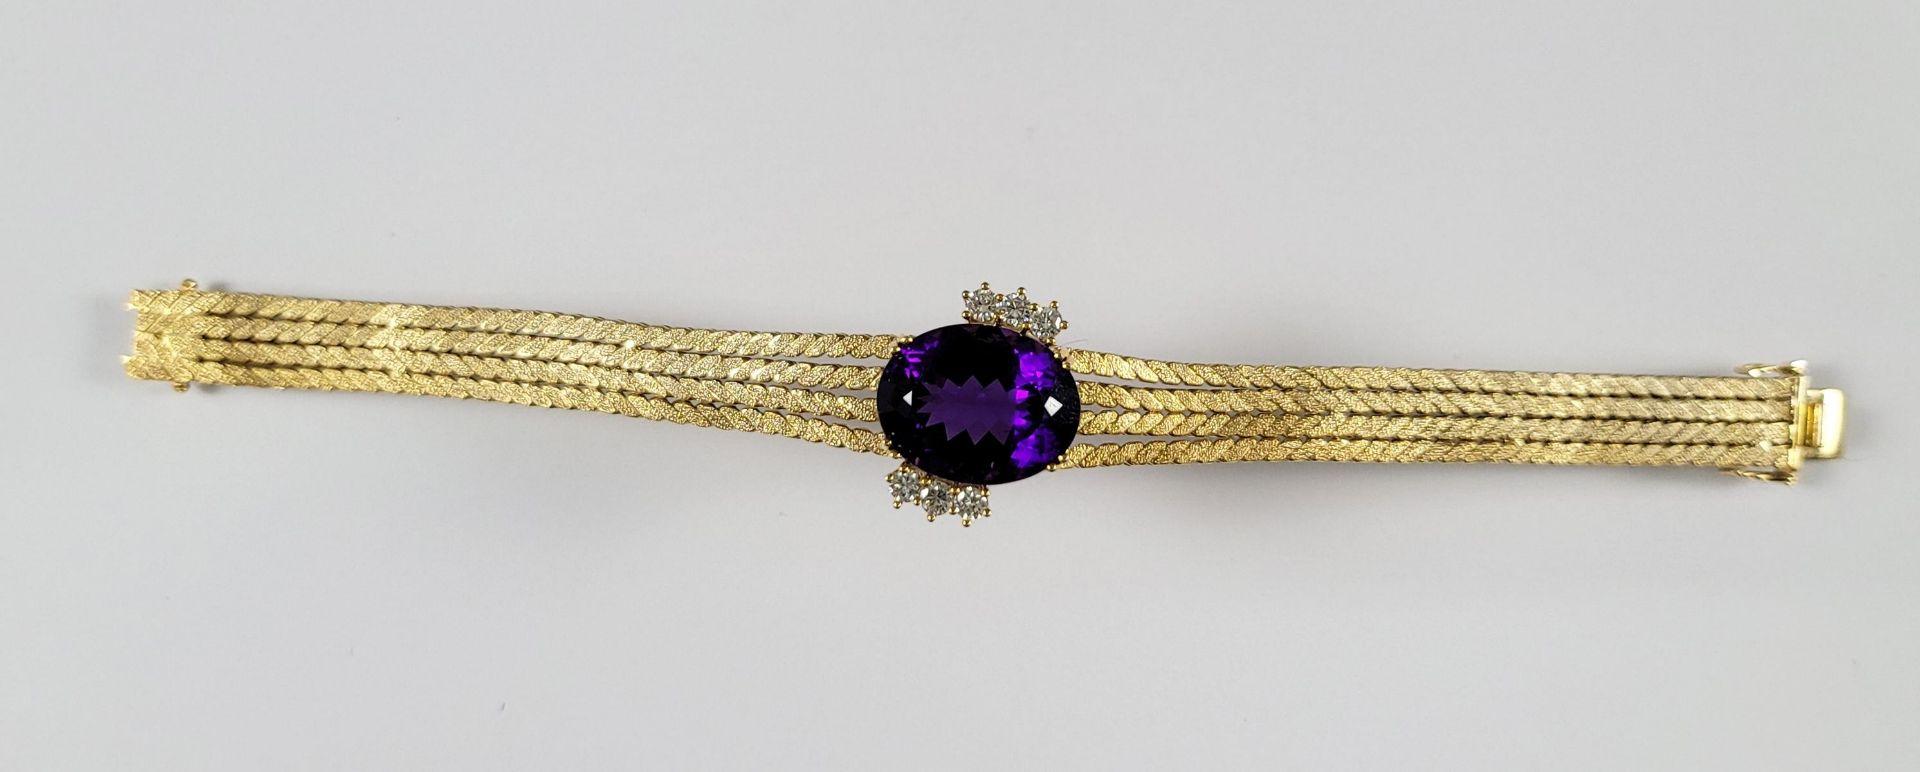 Damenarmband mit großem, facettierten Amethyst und Diamanten, 14 Karat Gelbgold